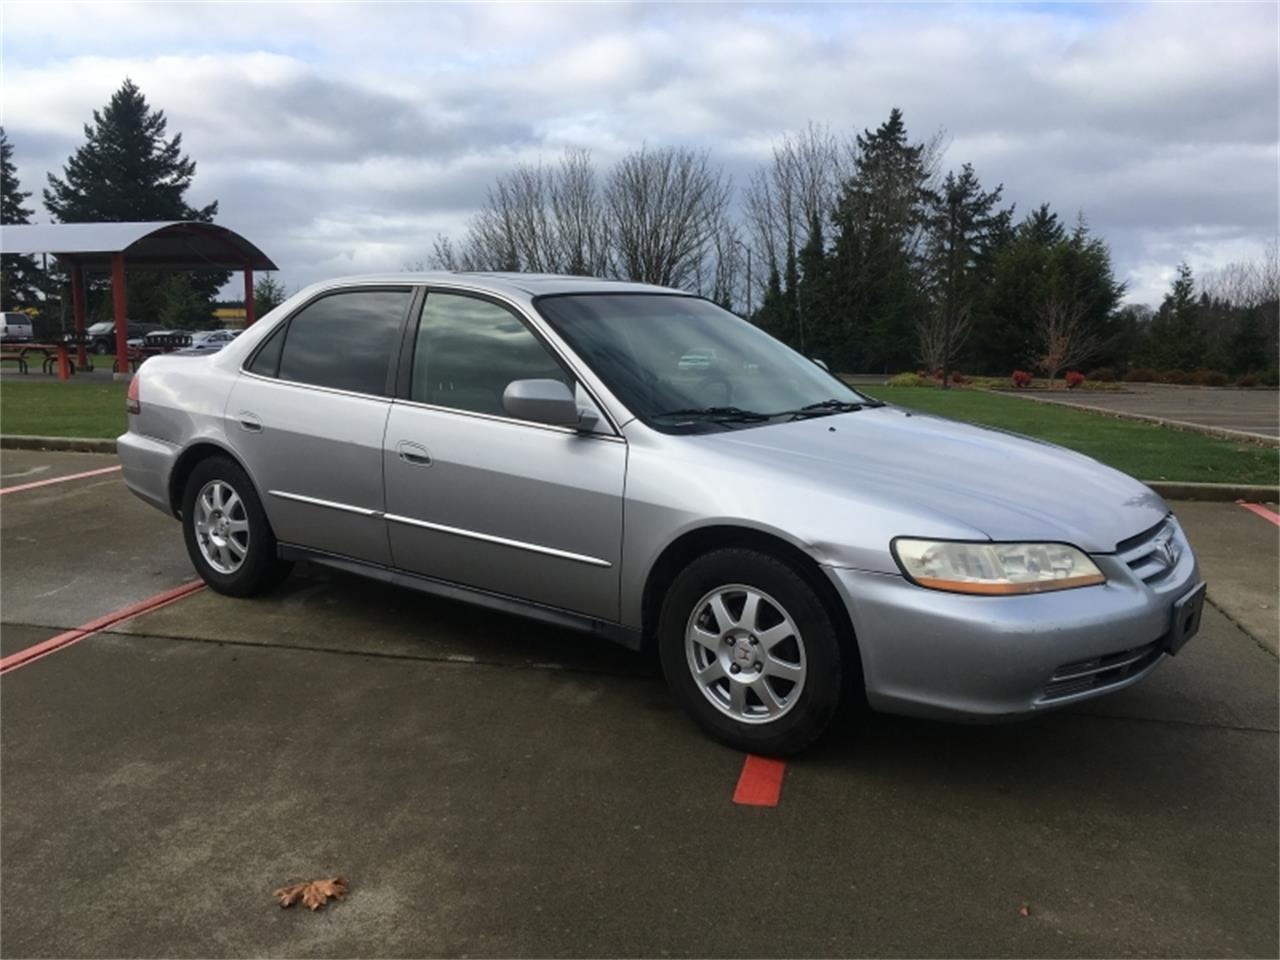 2002 Honda Accord for Sale | ClassicCars.com | CC-1046618